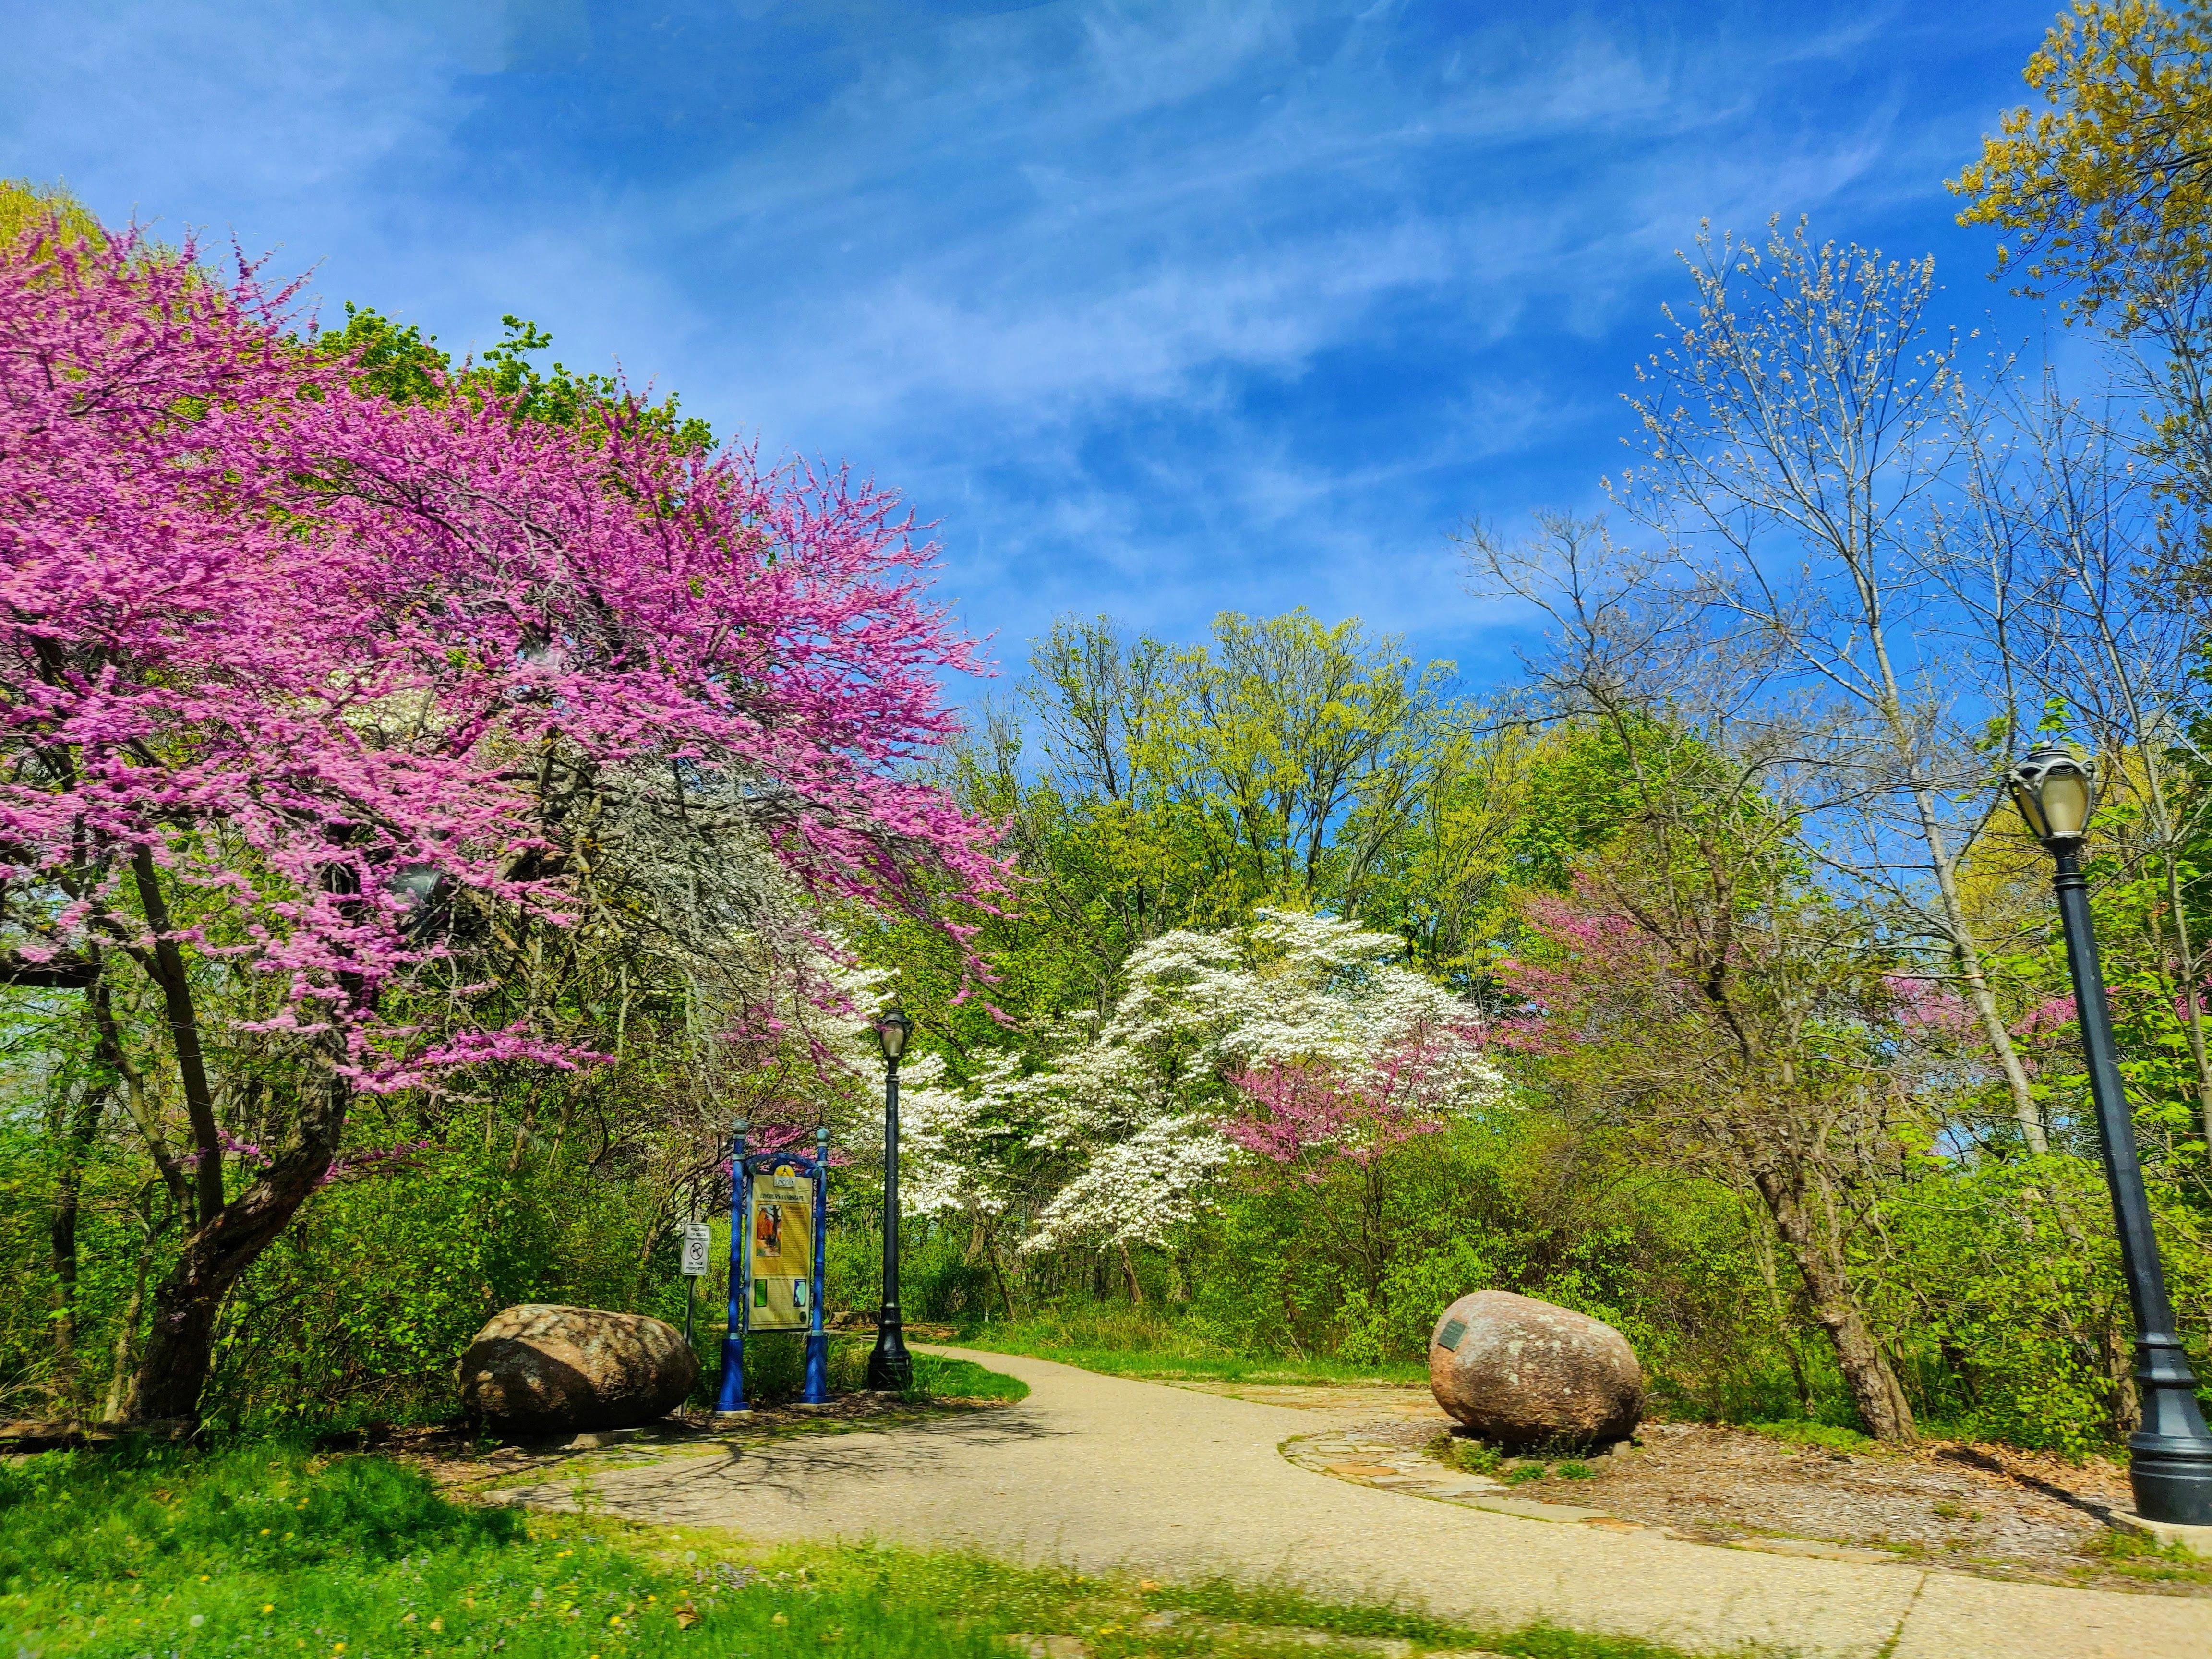 Lincoln Memorial Garden & Nature Center